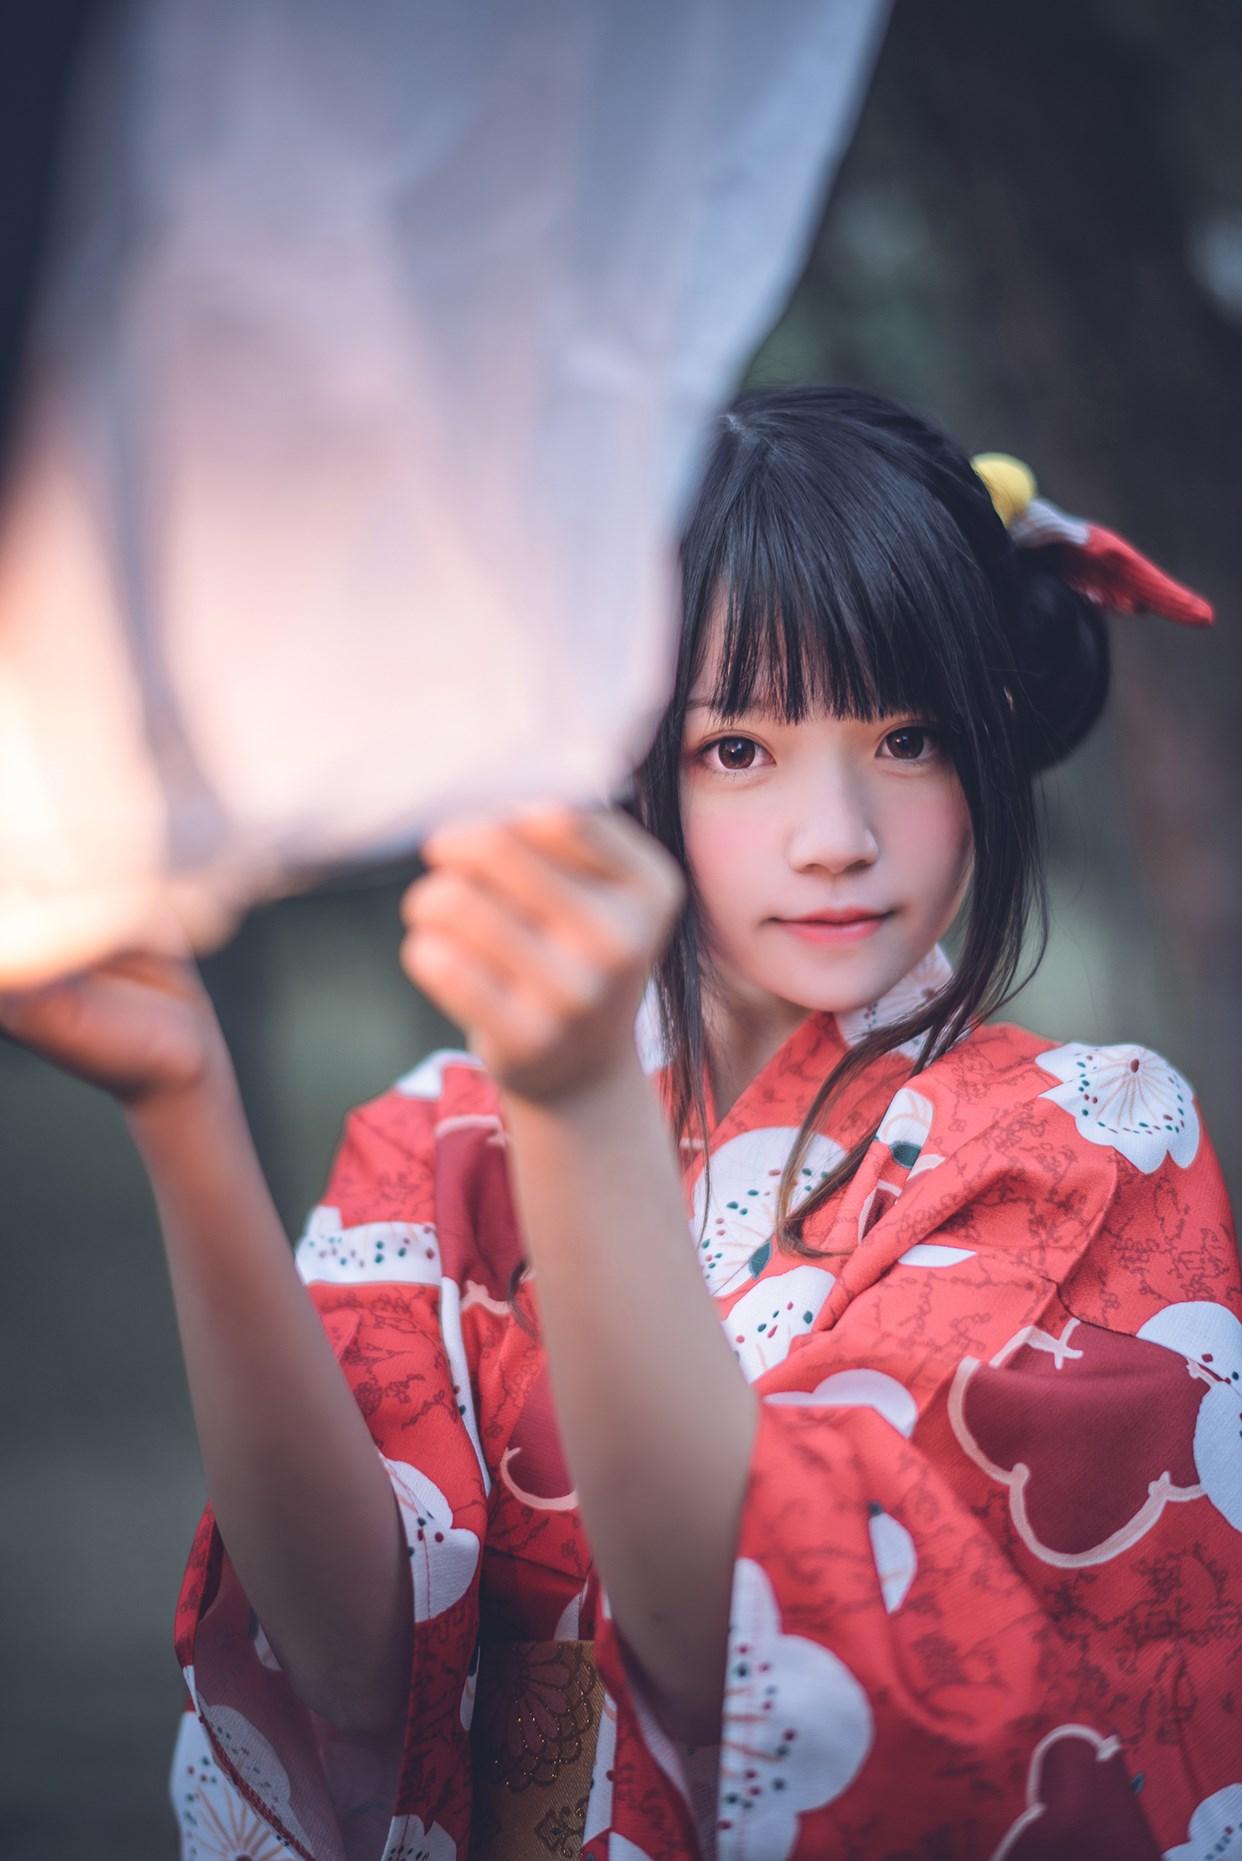 【兔玩映画】夏日祭 兔玩映画 第4张